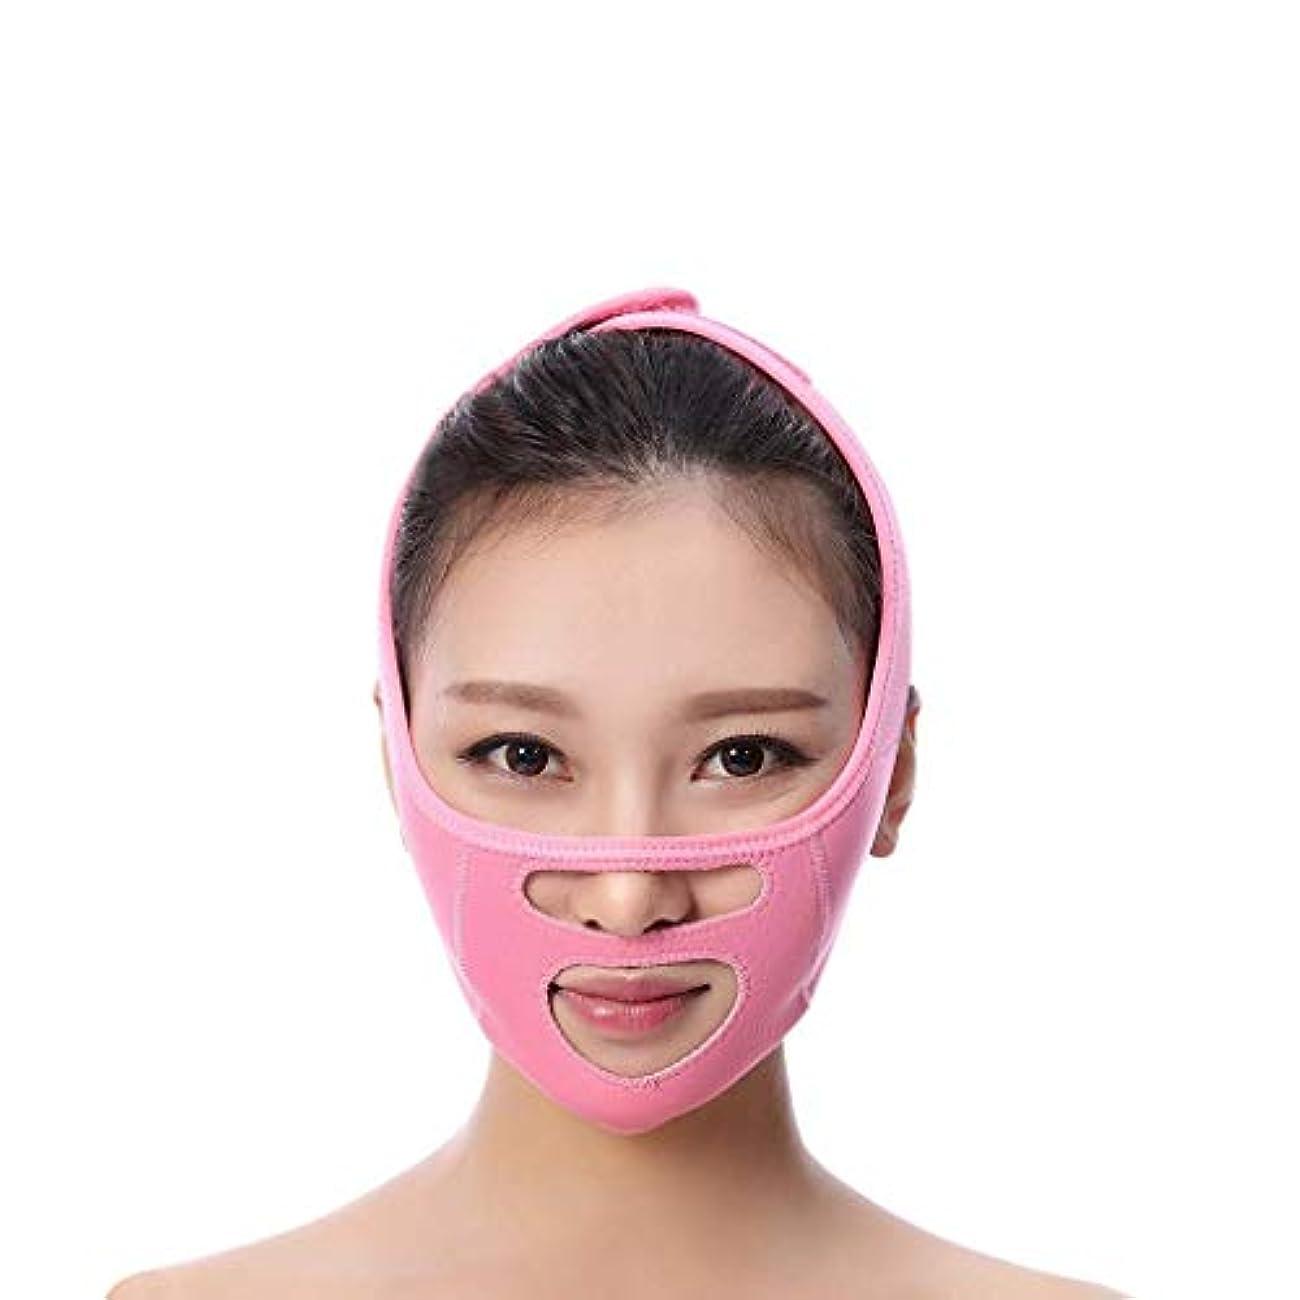 右可聴レトルトフェイスリフトテープ&バンド、フェイススリミングマスク、ダブルチン、ダブルチンリデューサー、シワ防止マスク、リフティングシェイプ(フリーサイズ)(カラー:ピンク),ピンク